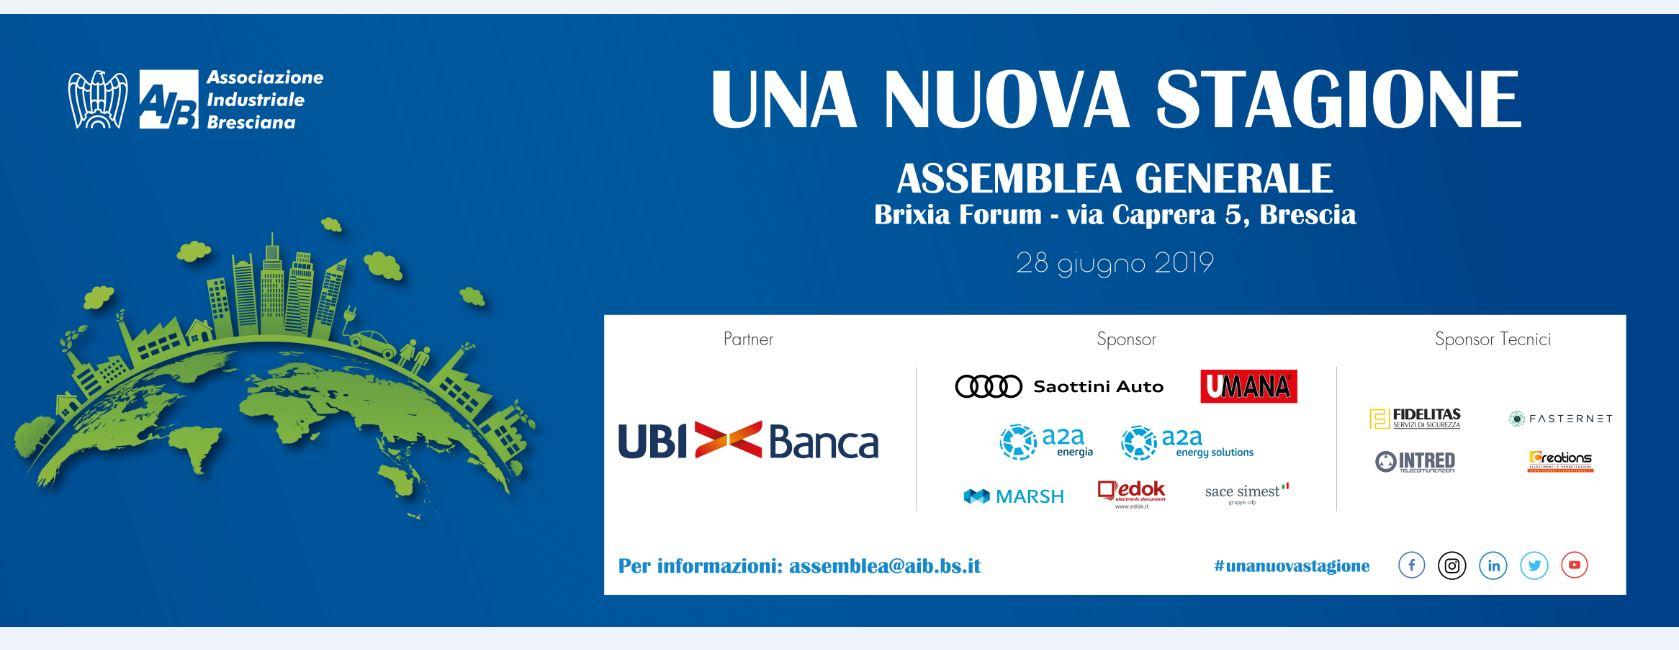 Fiera Di Brescia Calendario 2020.Home Brixiaforum